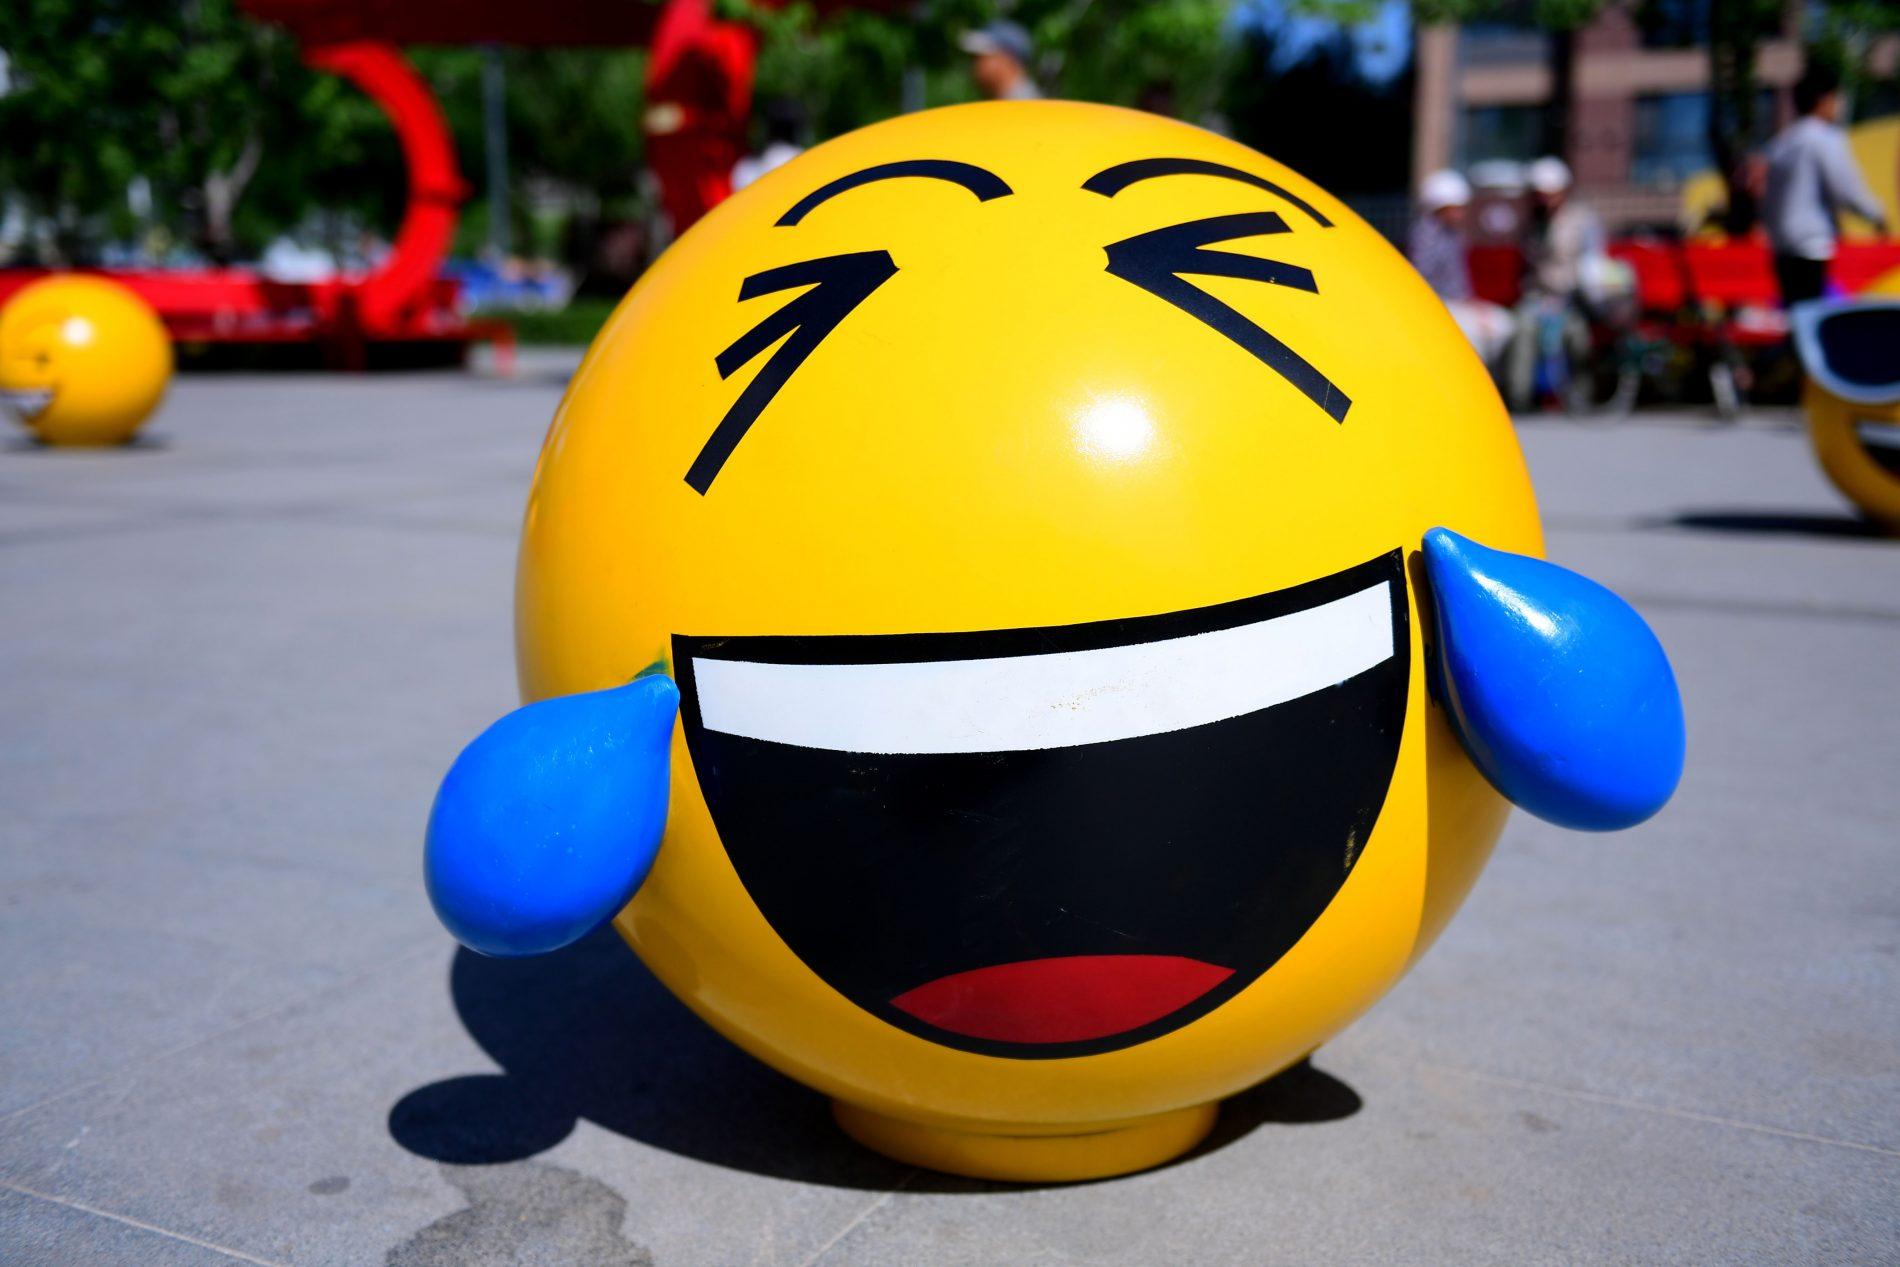 Sorria: cursos em diversos países, inclusive no Brasil, ensinam o caminho para a felicidade. Foto:Zhang wenkui - Imaginechina